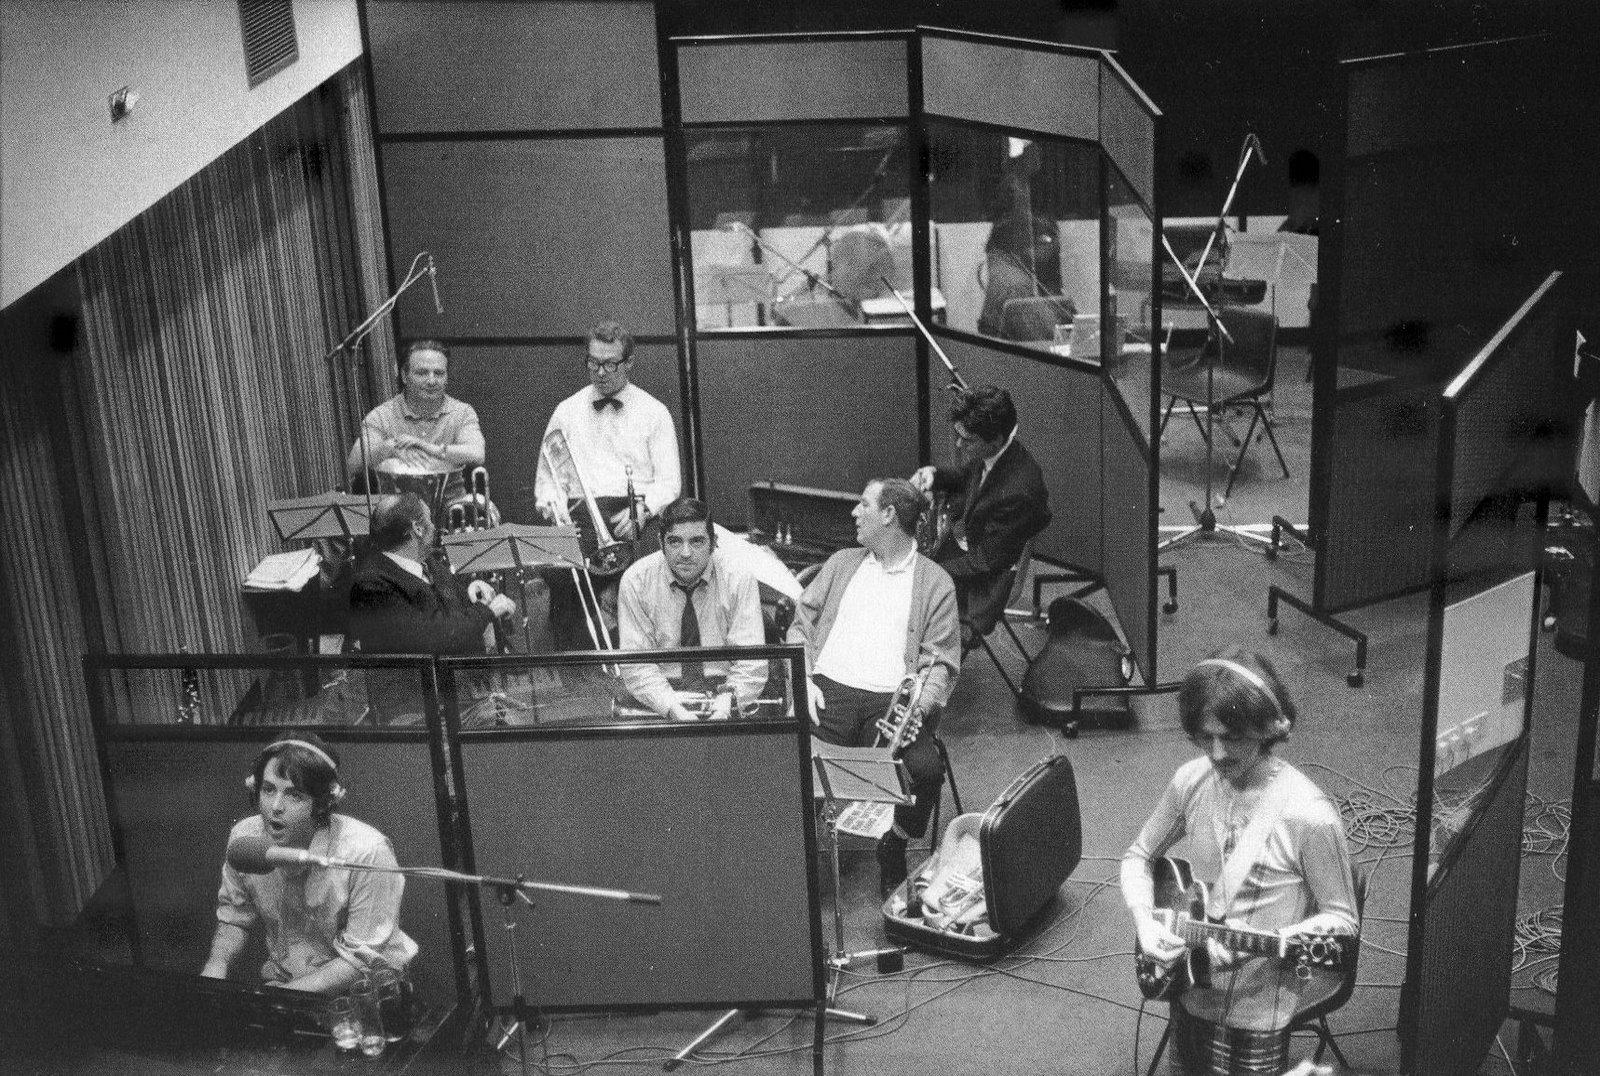 ãbeatles white album recording sessionsãã®ç»åæ¤ç´¢çµæ